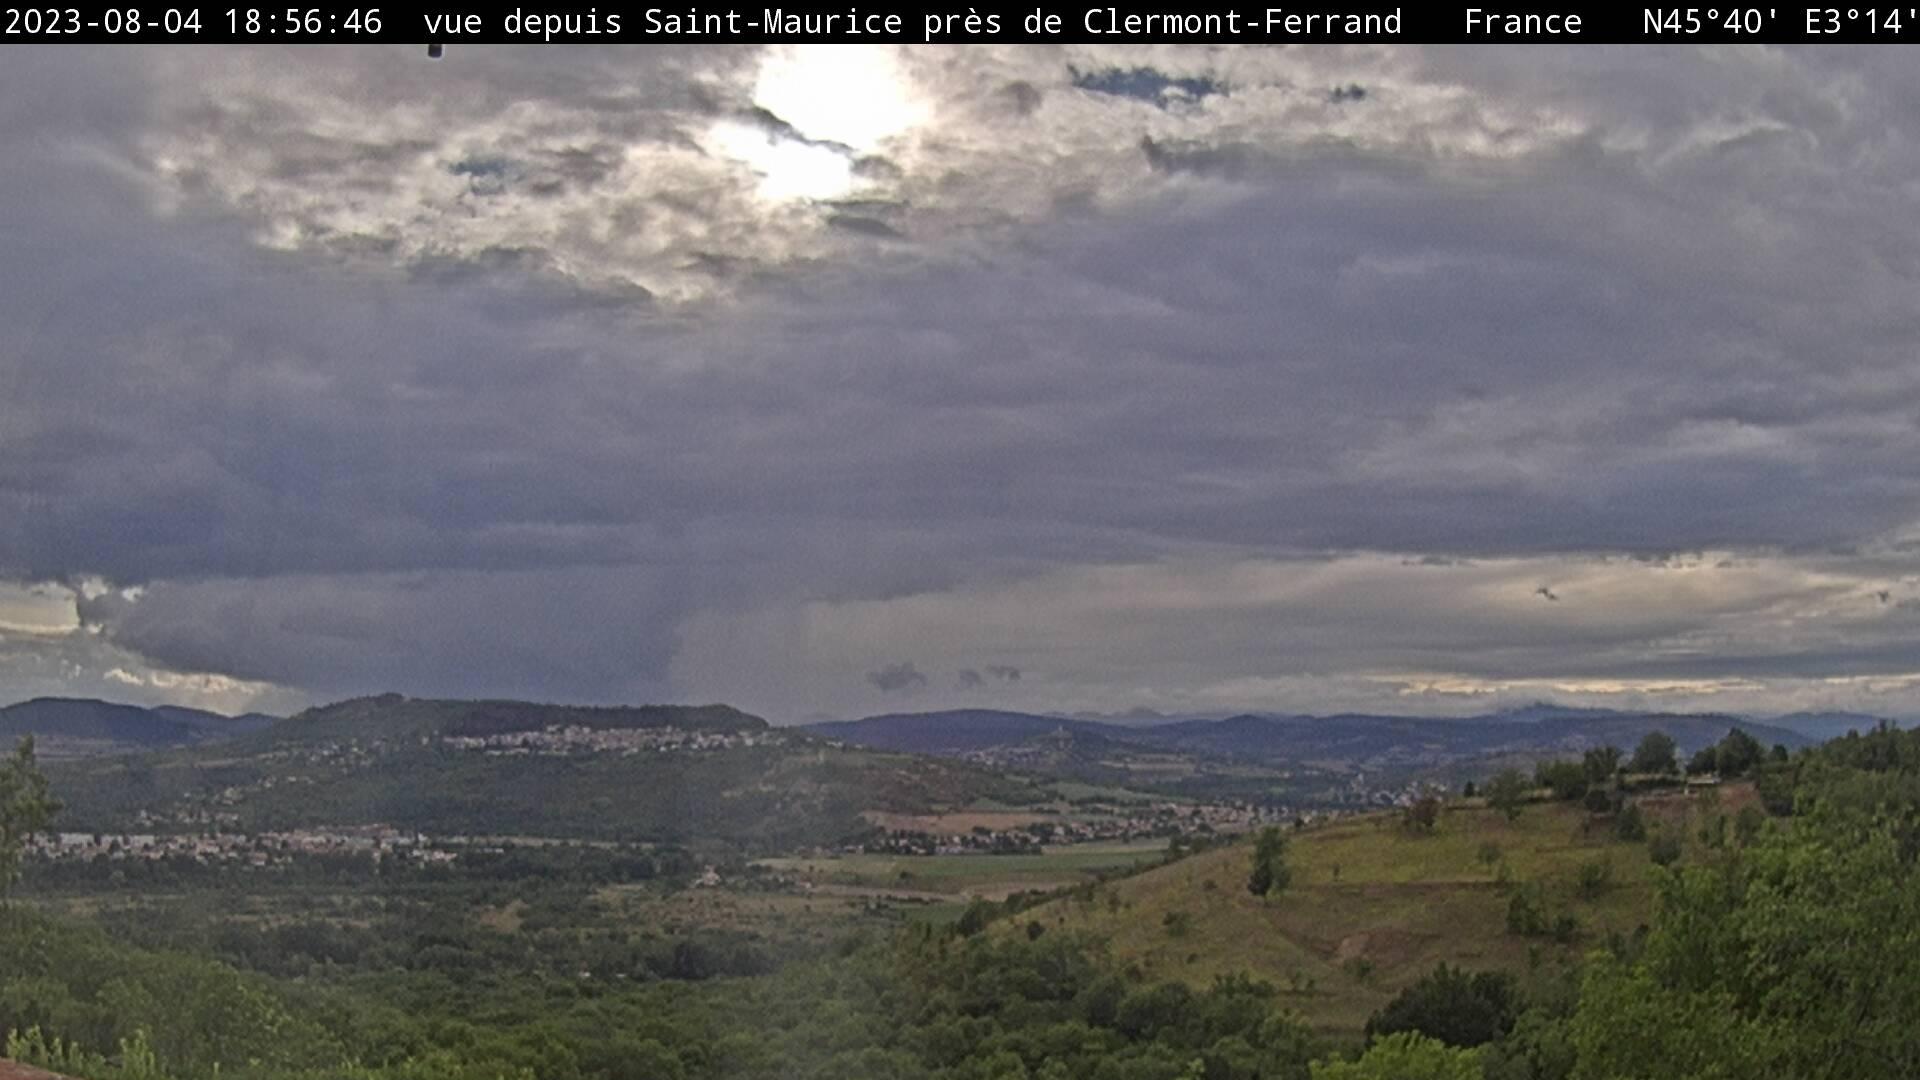 Saint-Maurice Sun. 18:57